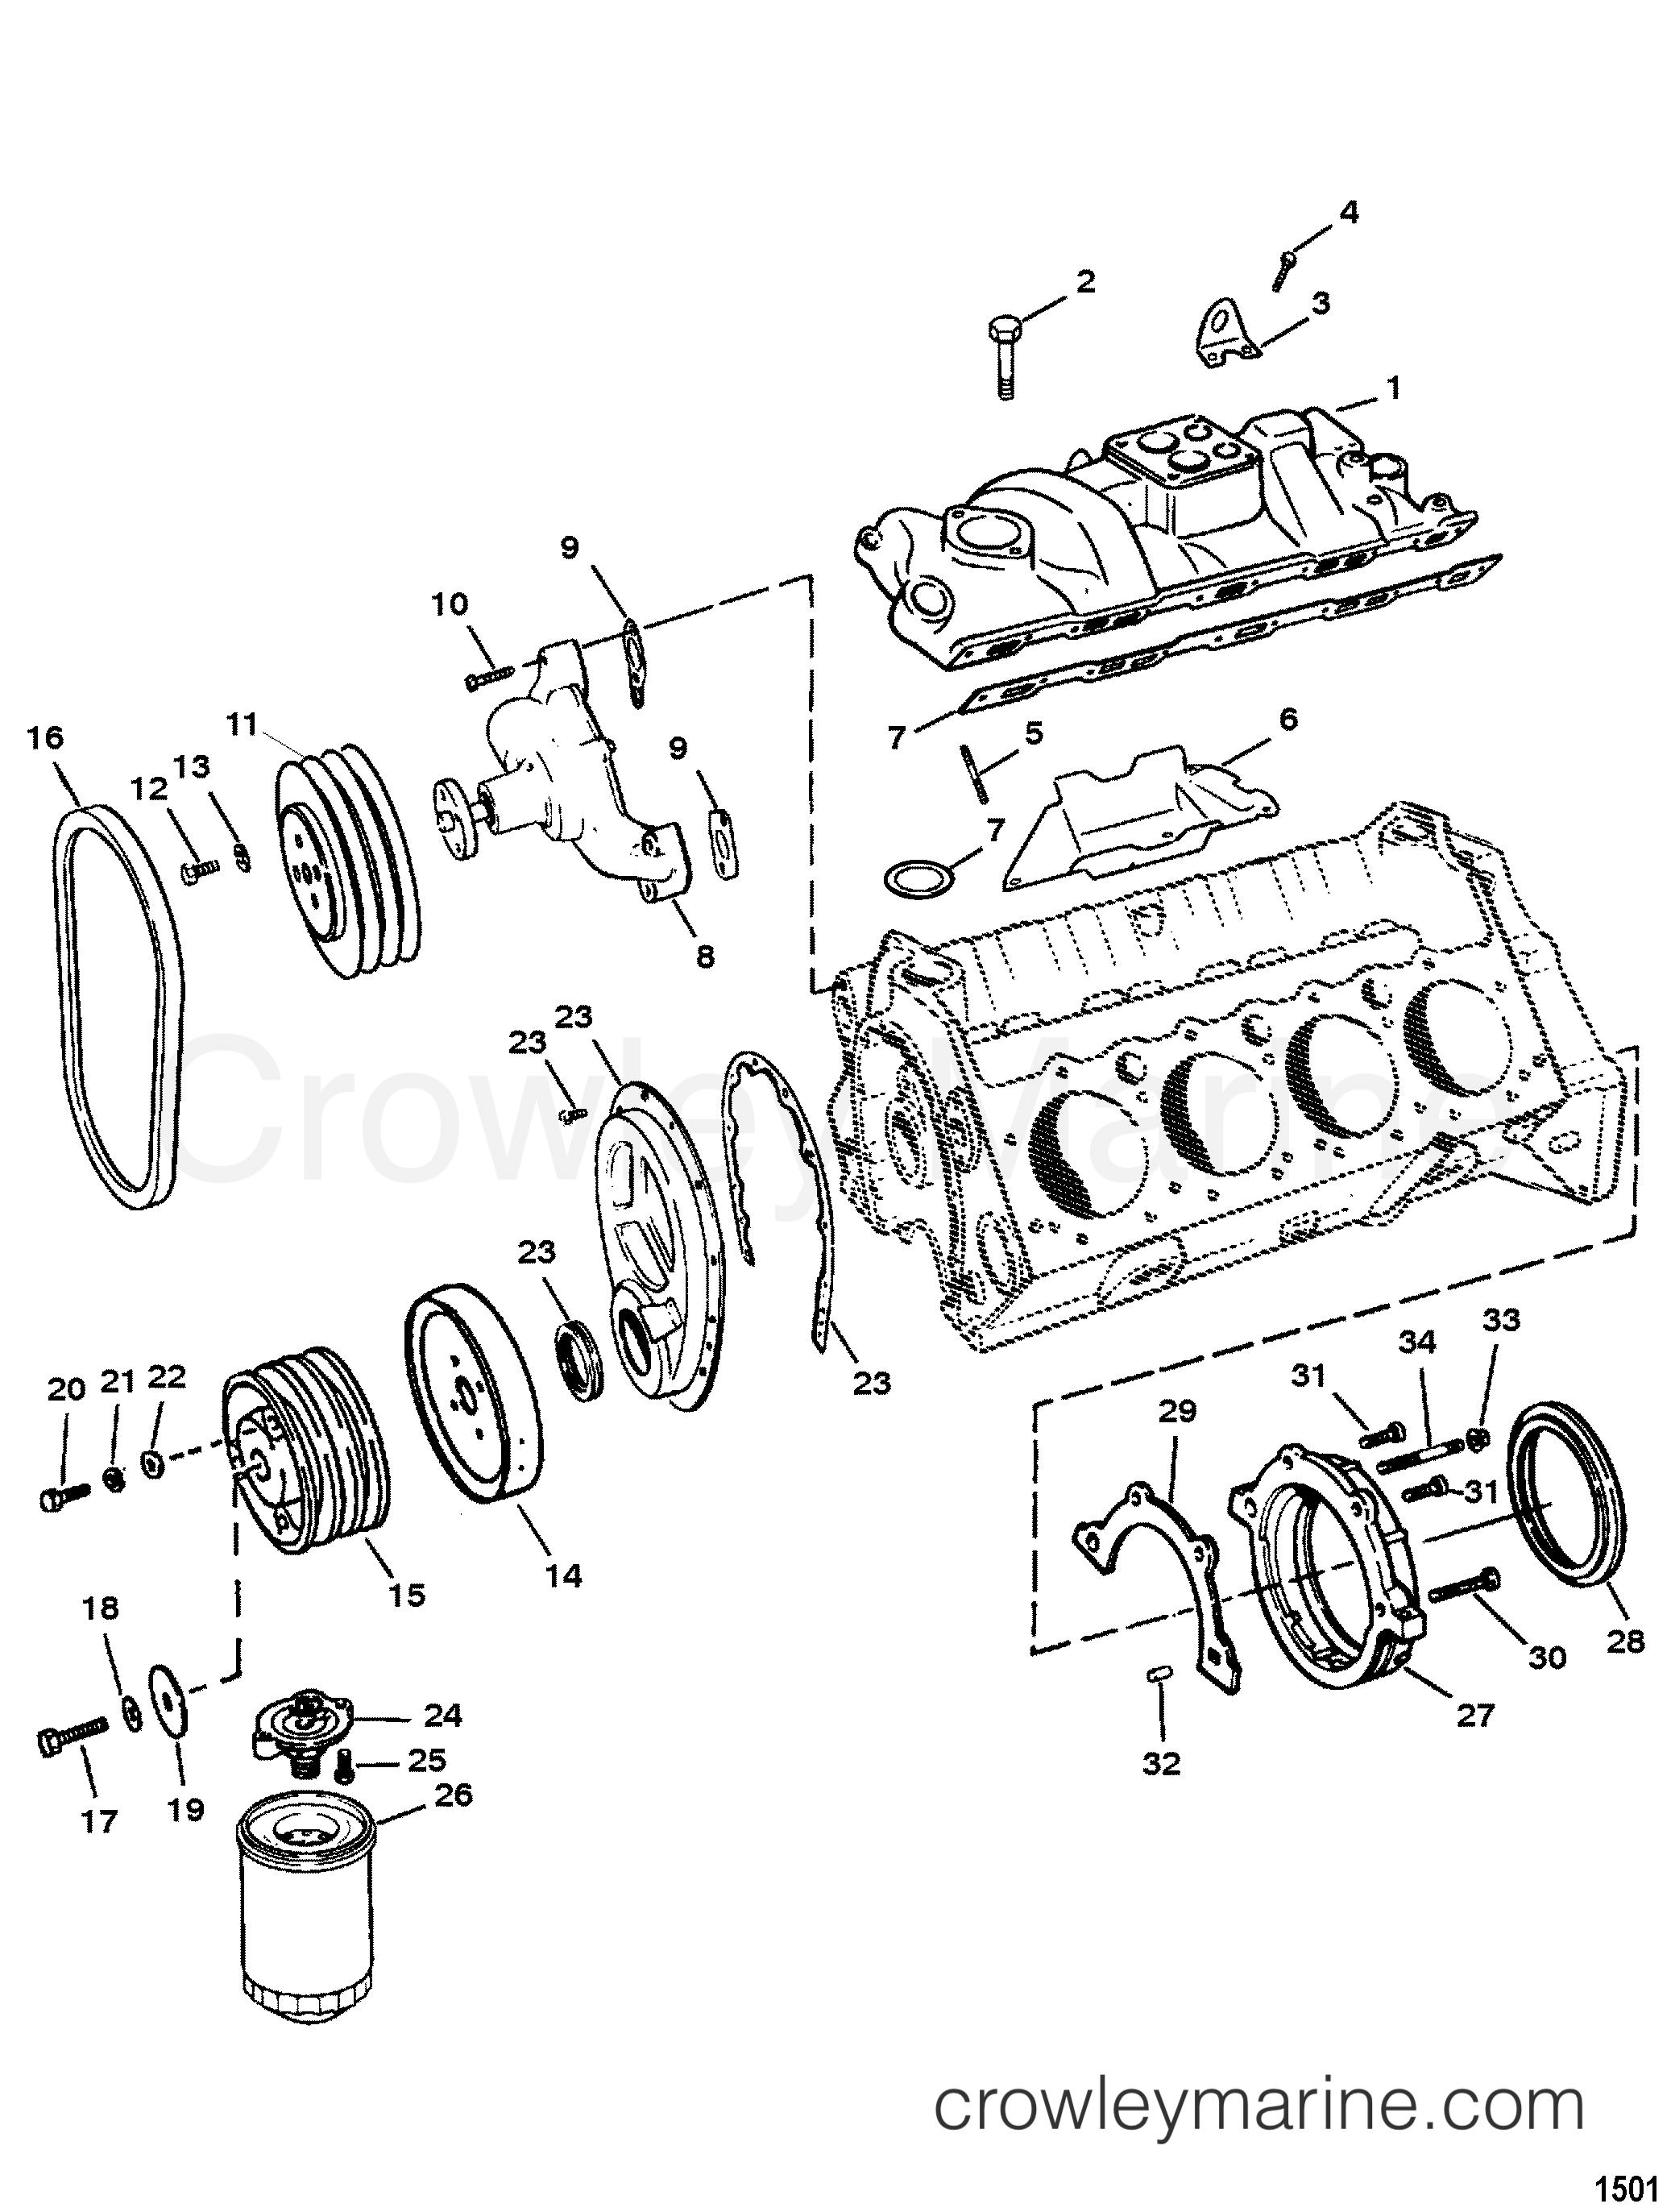 1991 Corvette Engine Diagram